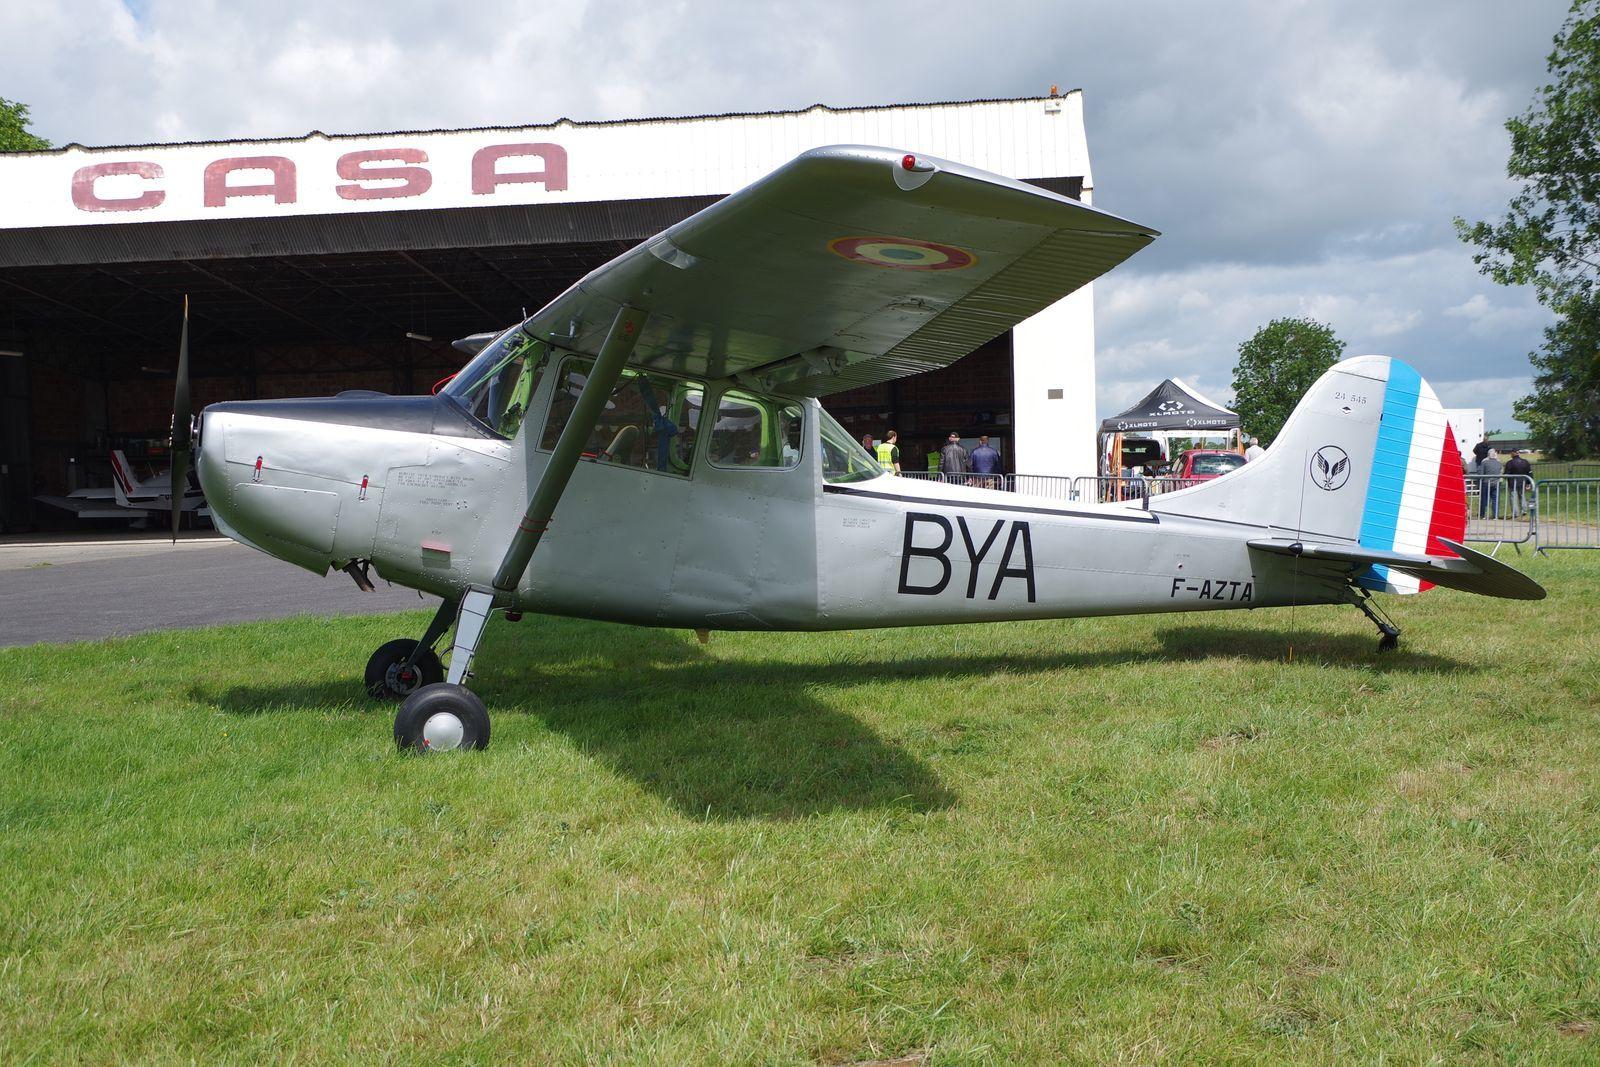 Pas 2eGM, le Cessna L-19 Bird Dog F-AZTA était présents pour faire des photos en vol.